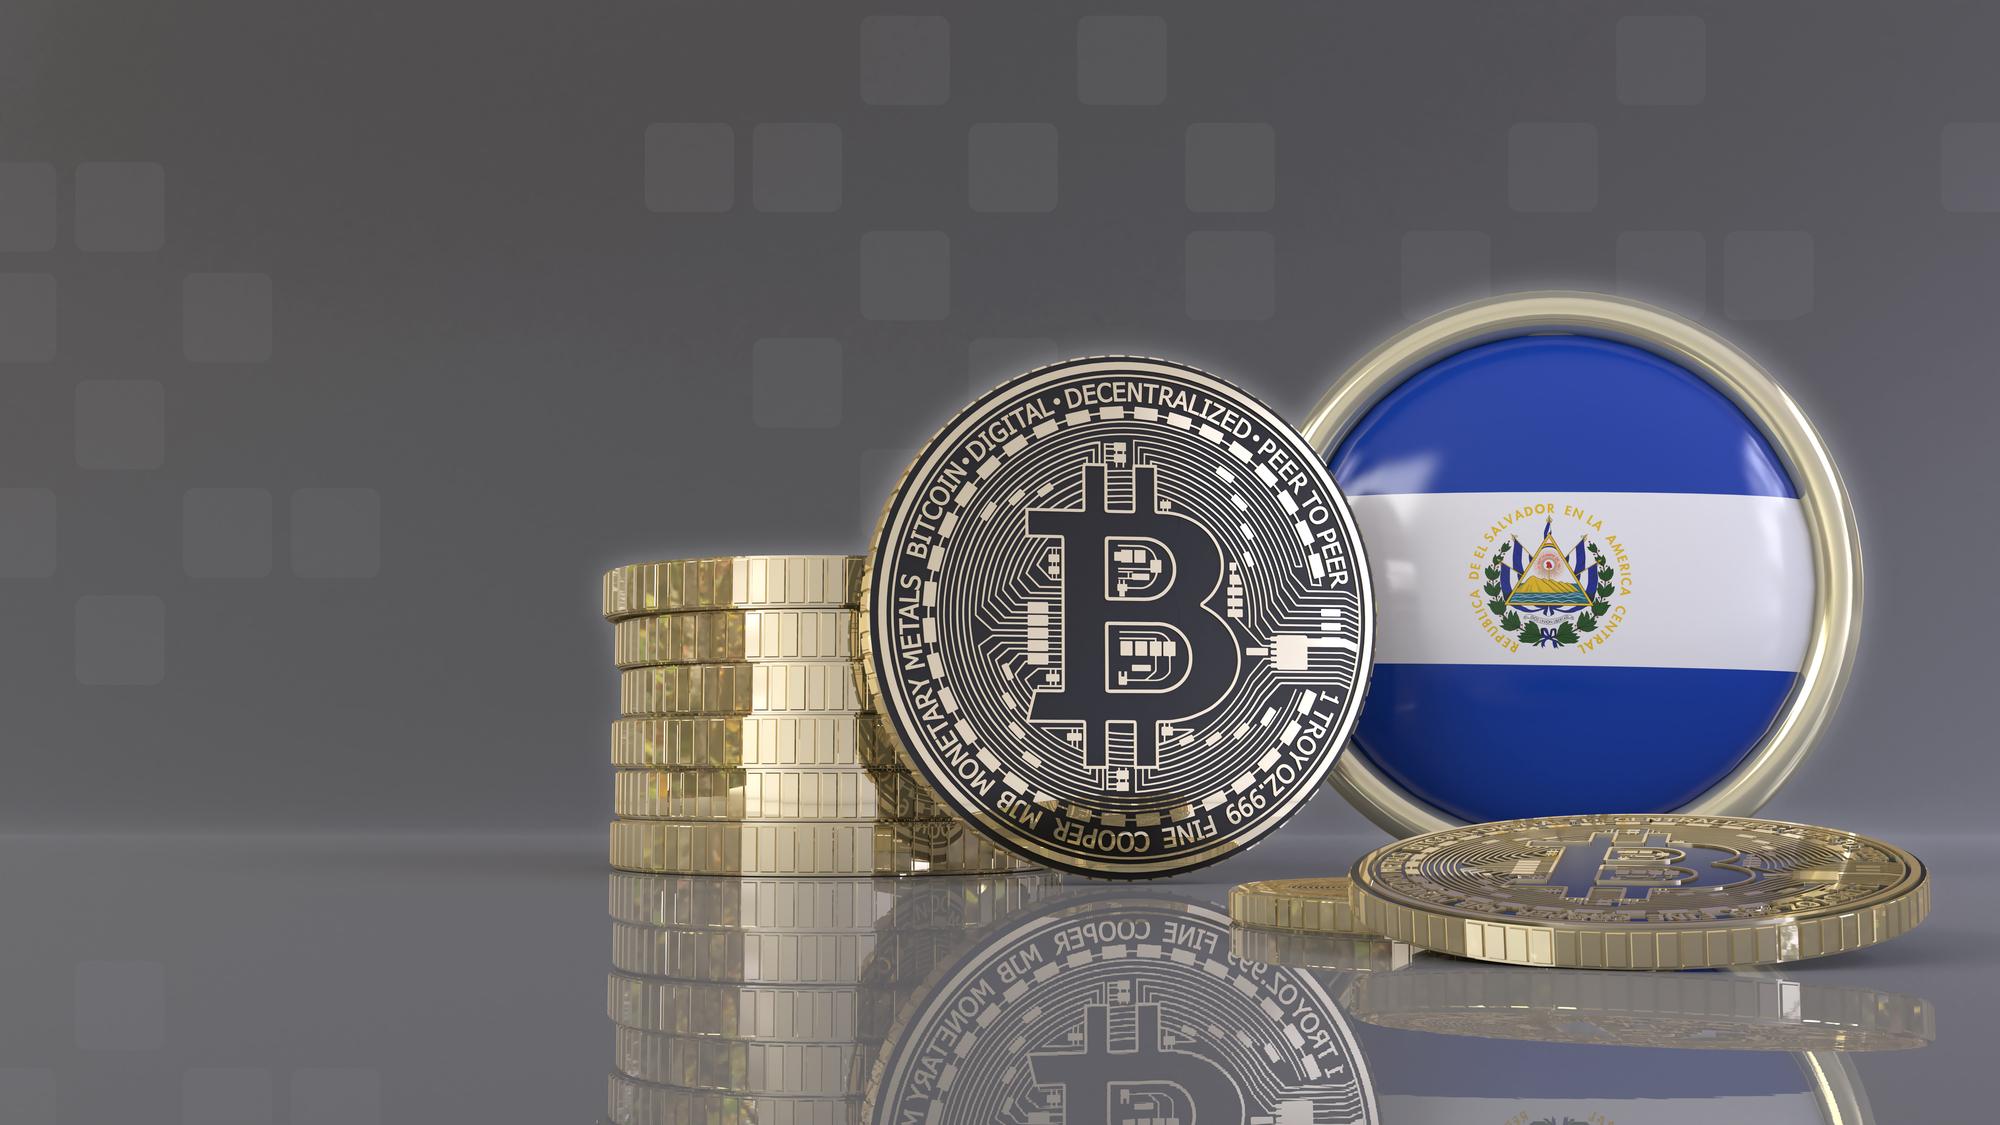 el salvador bitcoin btc b